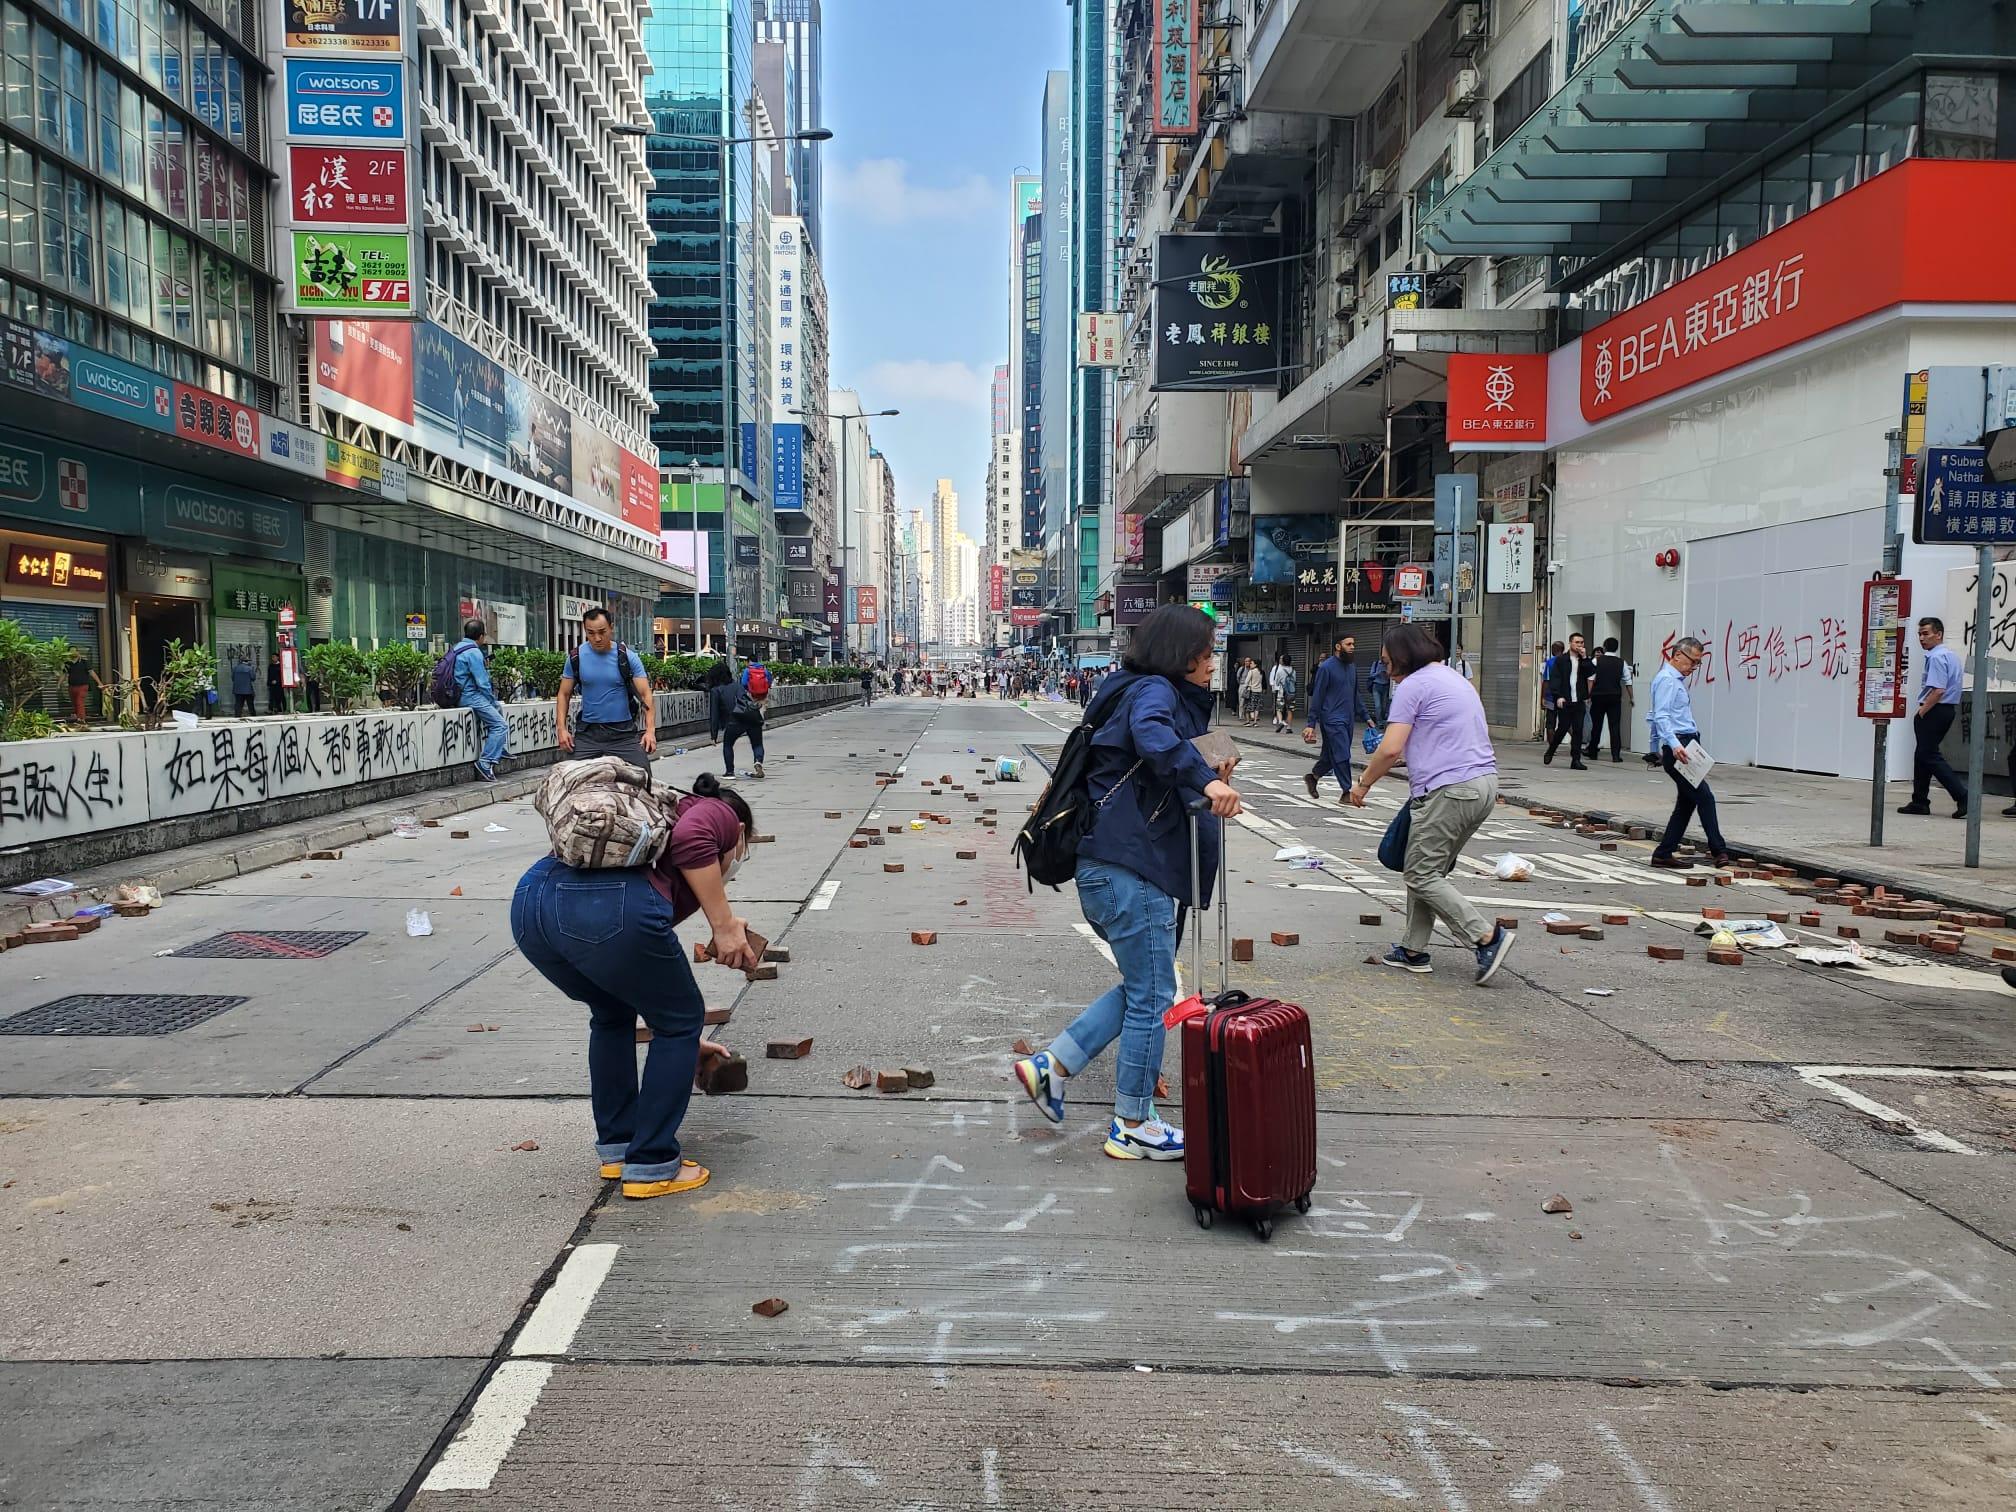 【大三罢】市民清路障被掟砖 警吁避免在危险地方自行清理